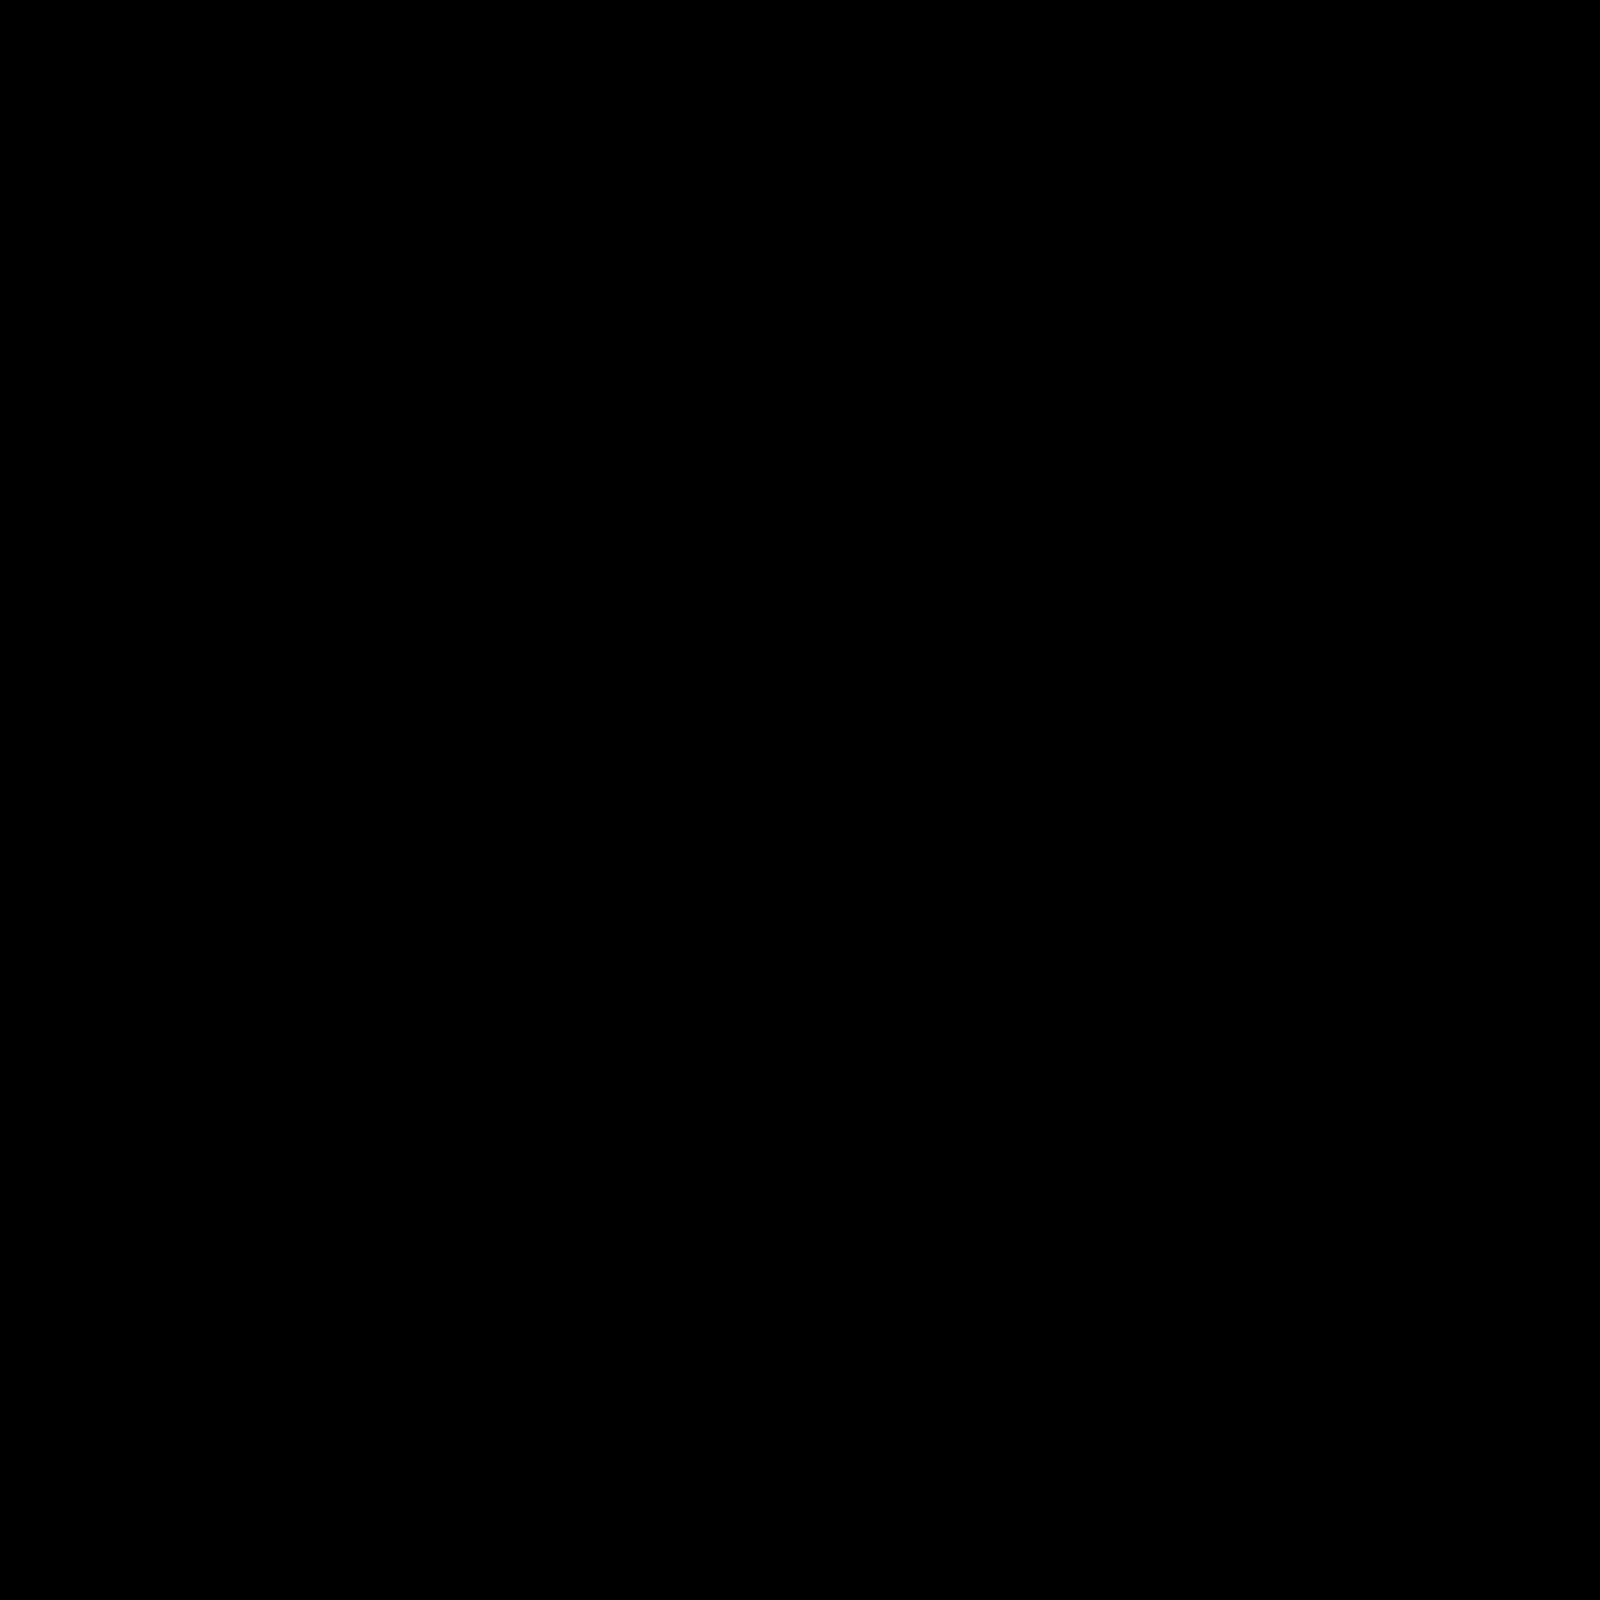 Шейкер icon